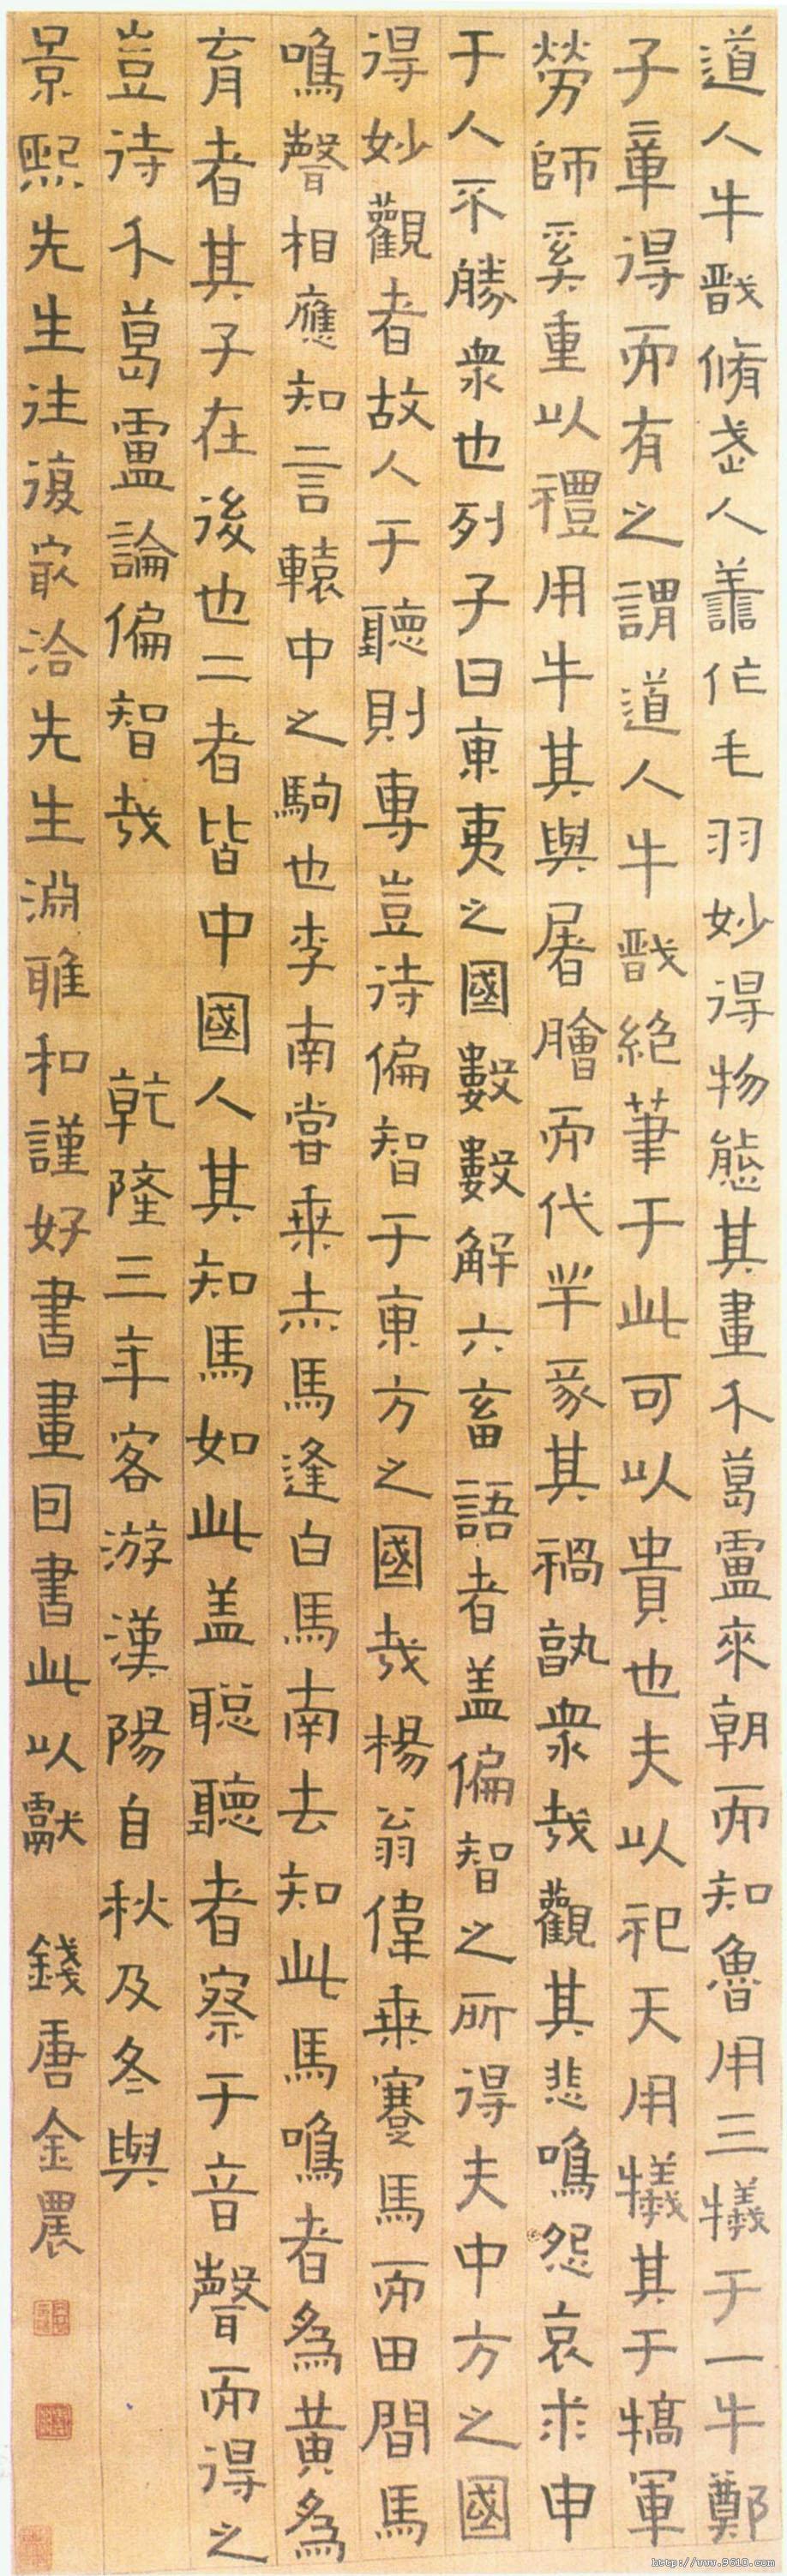 金 农《隶书》 - 老排长 - 老排长(6660409)